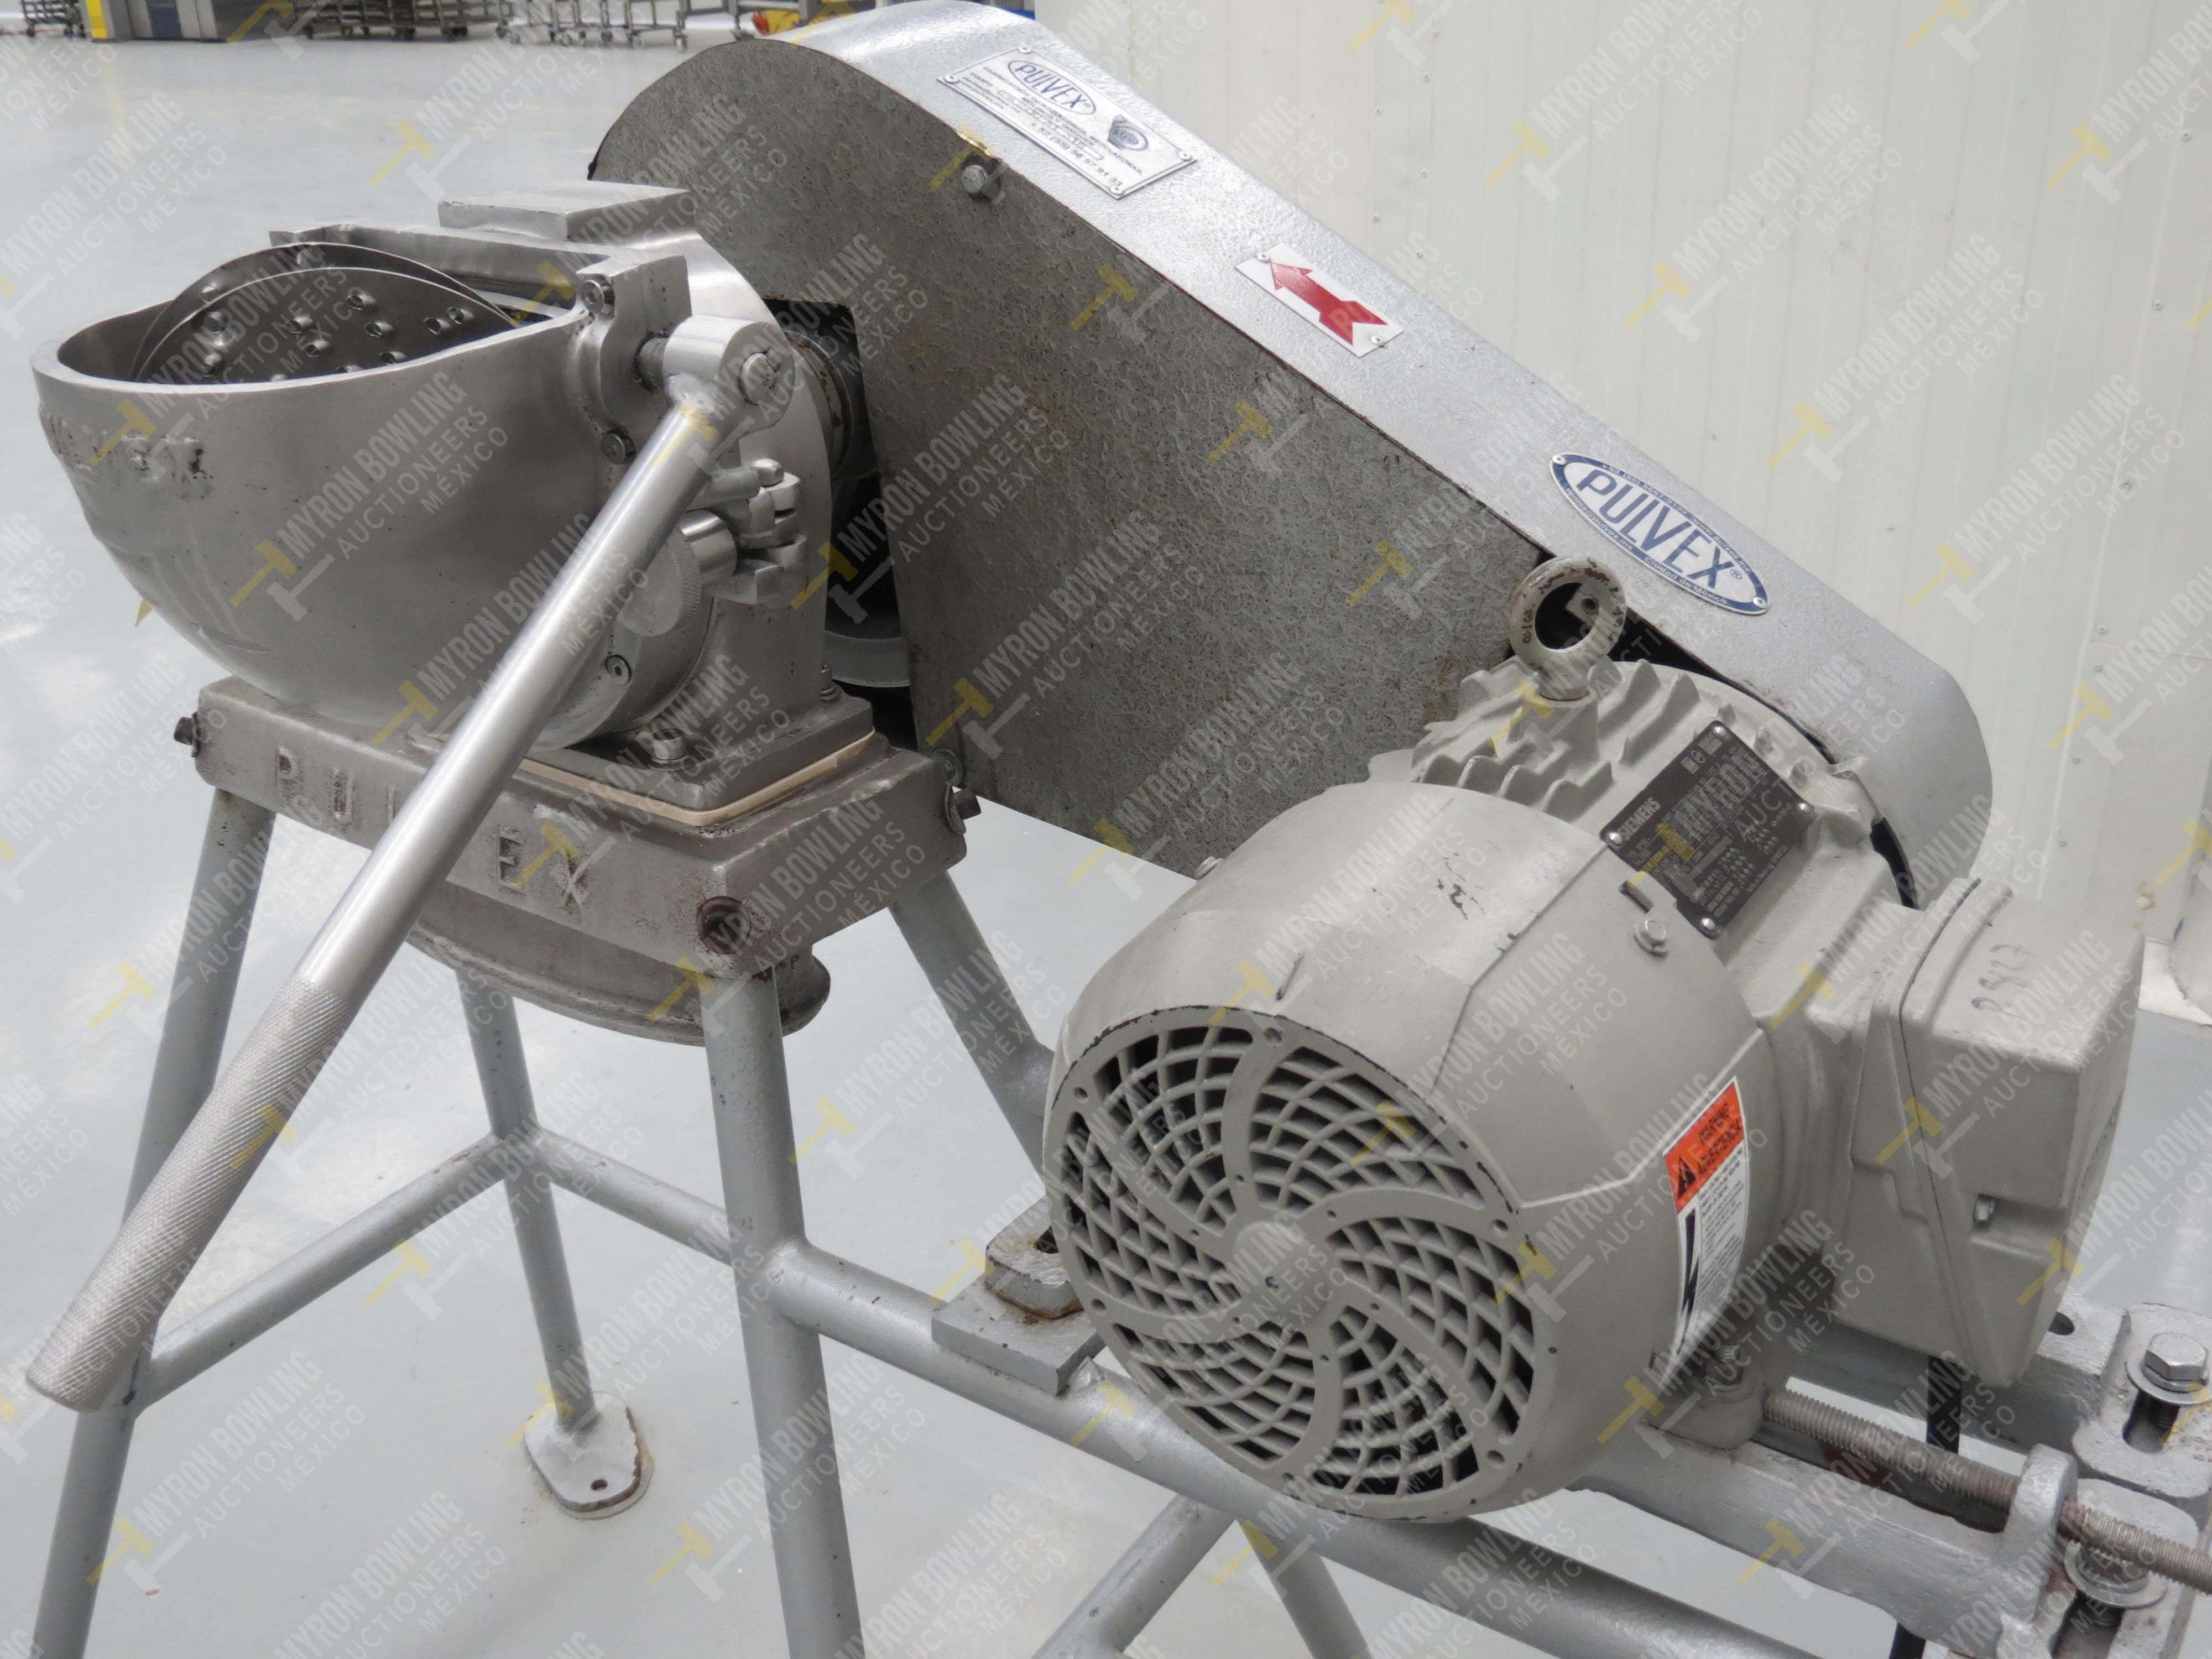 Molino rallador marca Pulvex, Modelo PR200AI316, en acero inoxidable, capacidad de motor 3… - Image 3 of 4